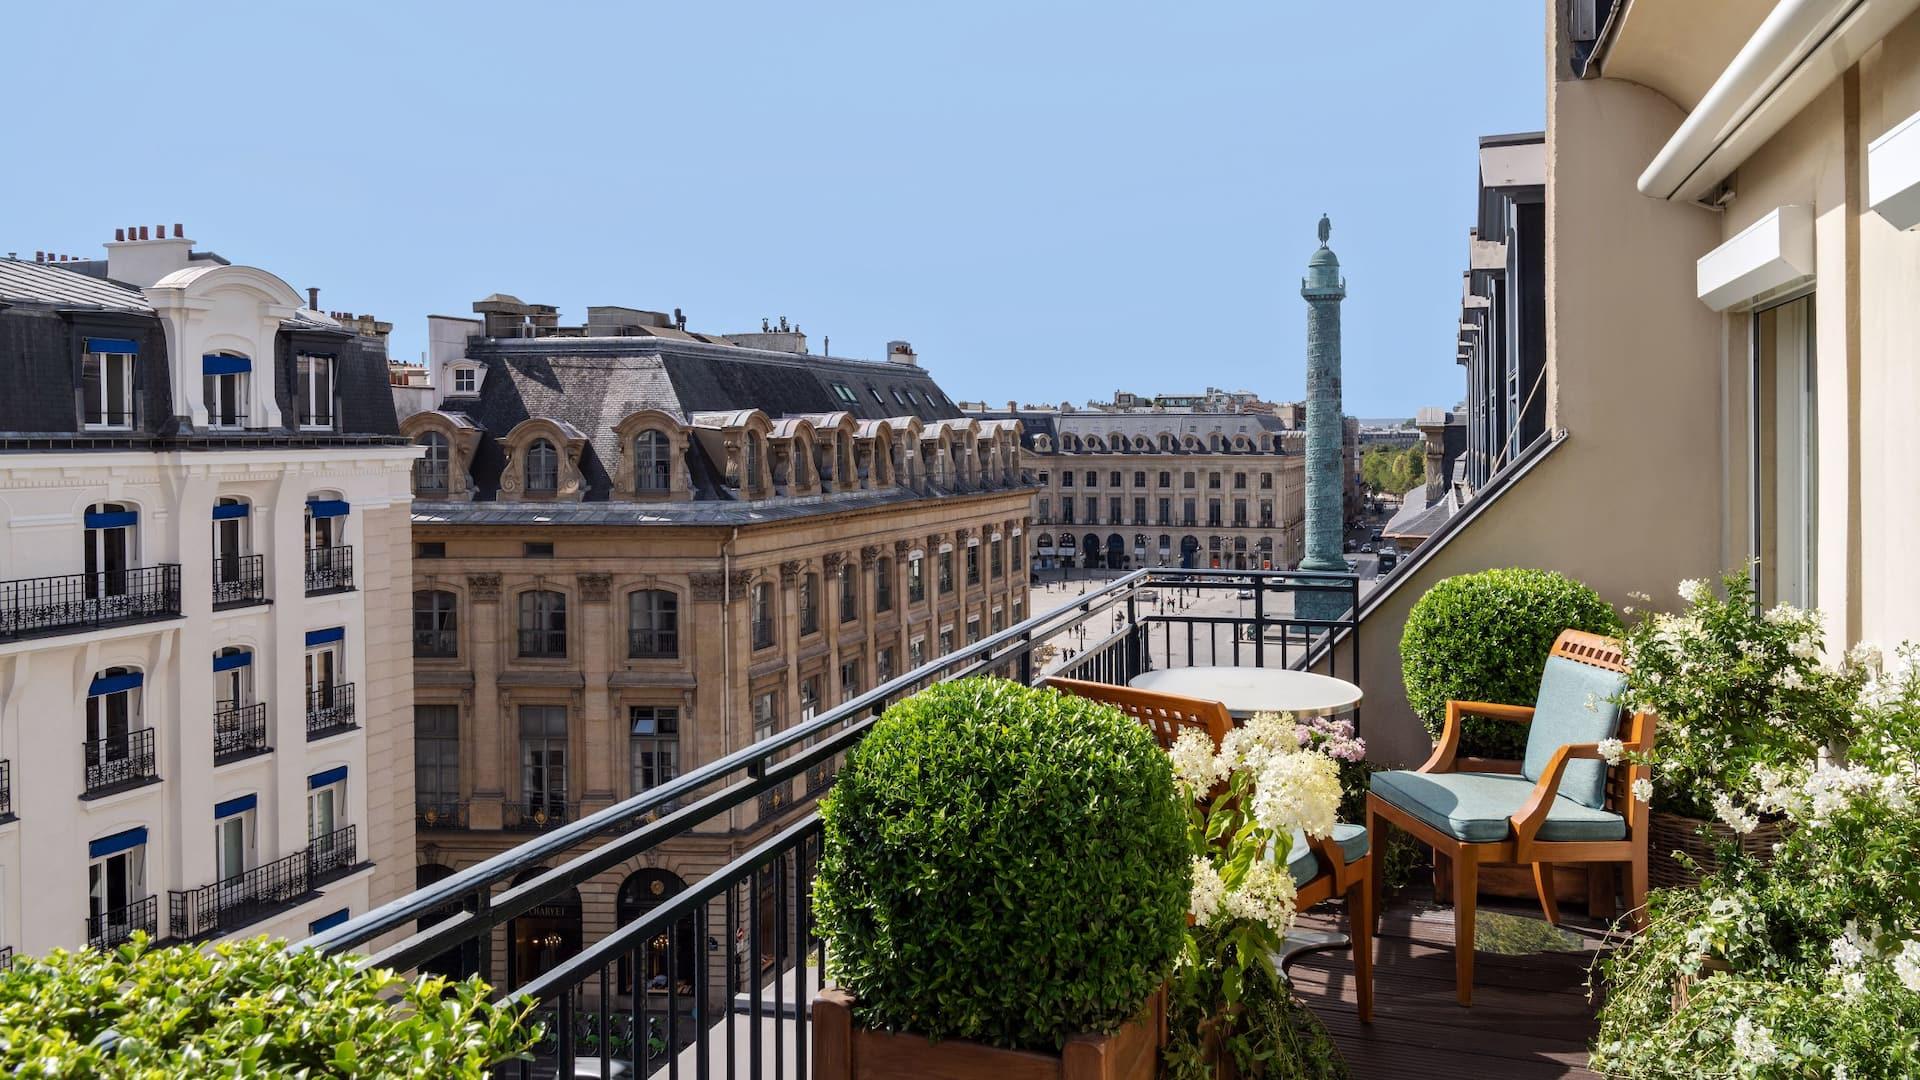 Hotel Park Hyatt by the Place Vendôme in Paris